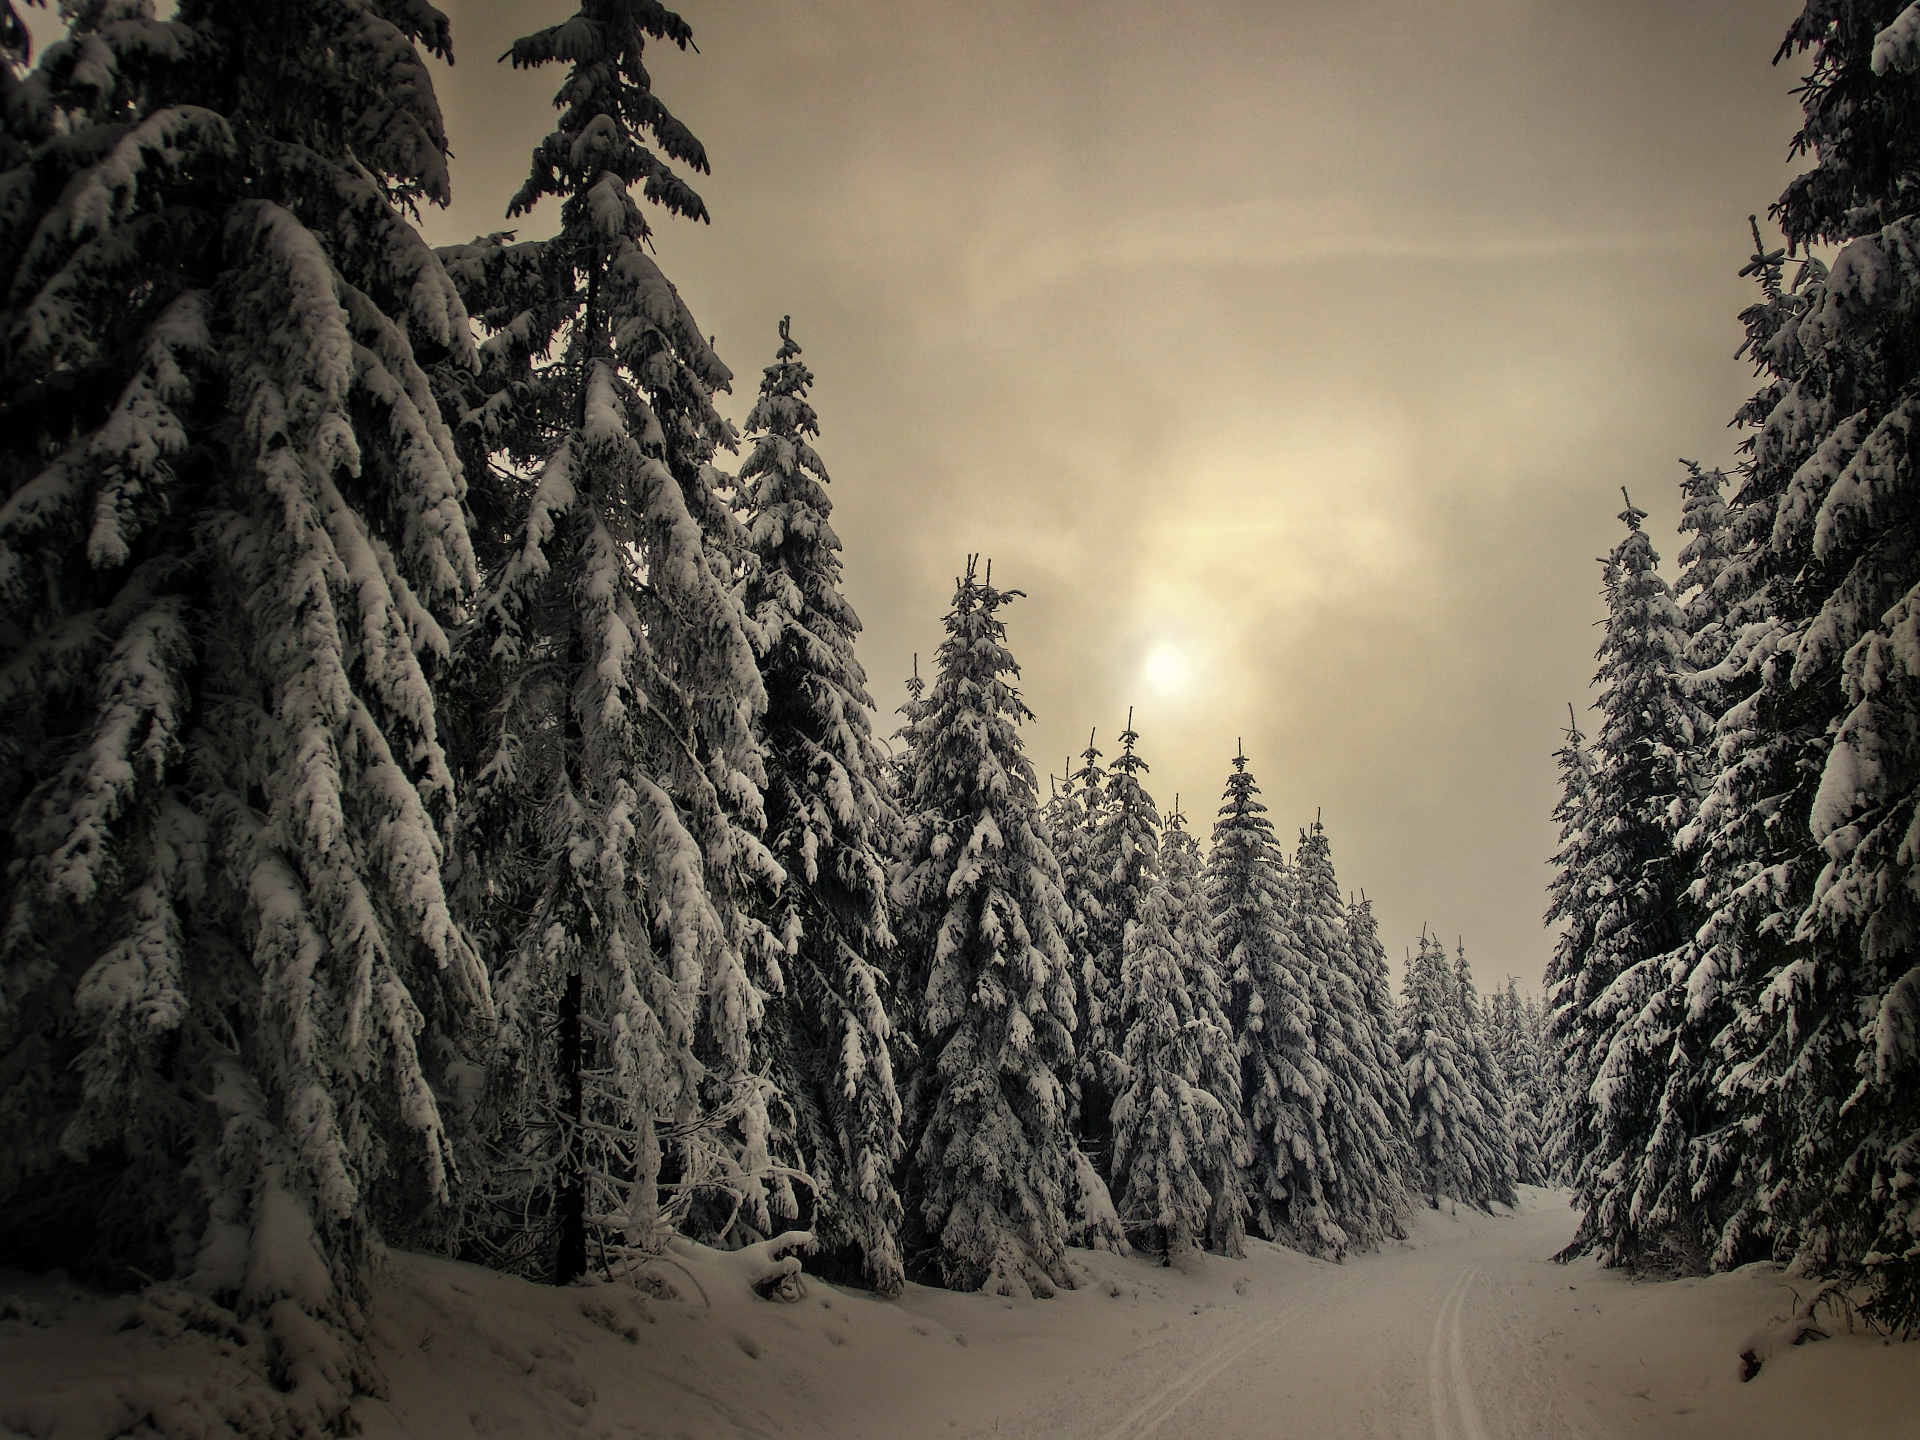 snowbound spruces by EmmmBeee